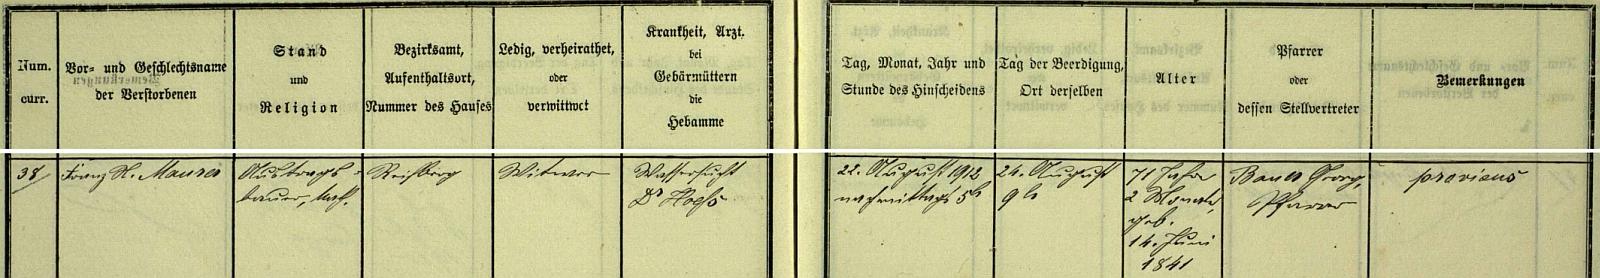 Záznam o jeho úmrtí 22. srpna 1912 v knize zemřelých farní obce Frauenau